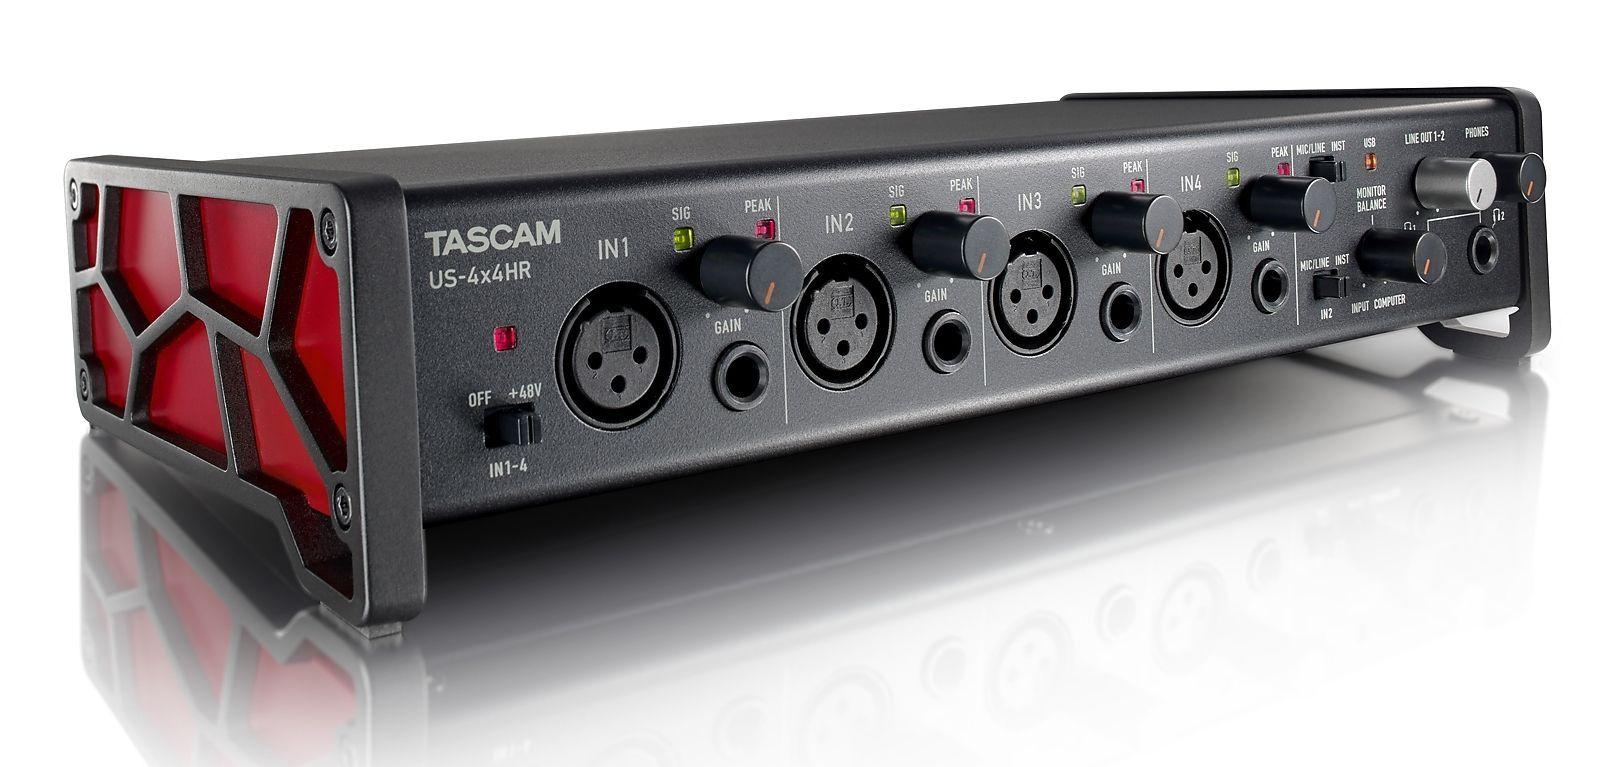 Tascam US-4x4HR USB Audio Interface 4-Kanal mit 4 Mikrofon-/Line-Eingängen